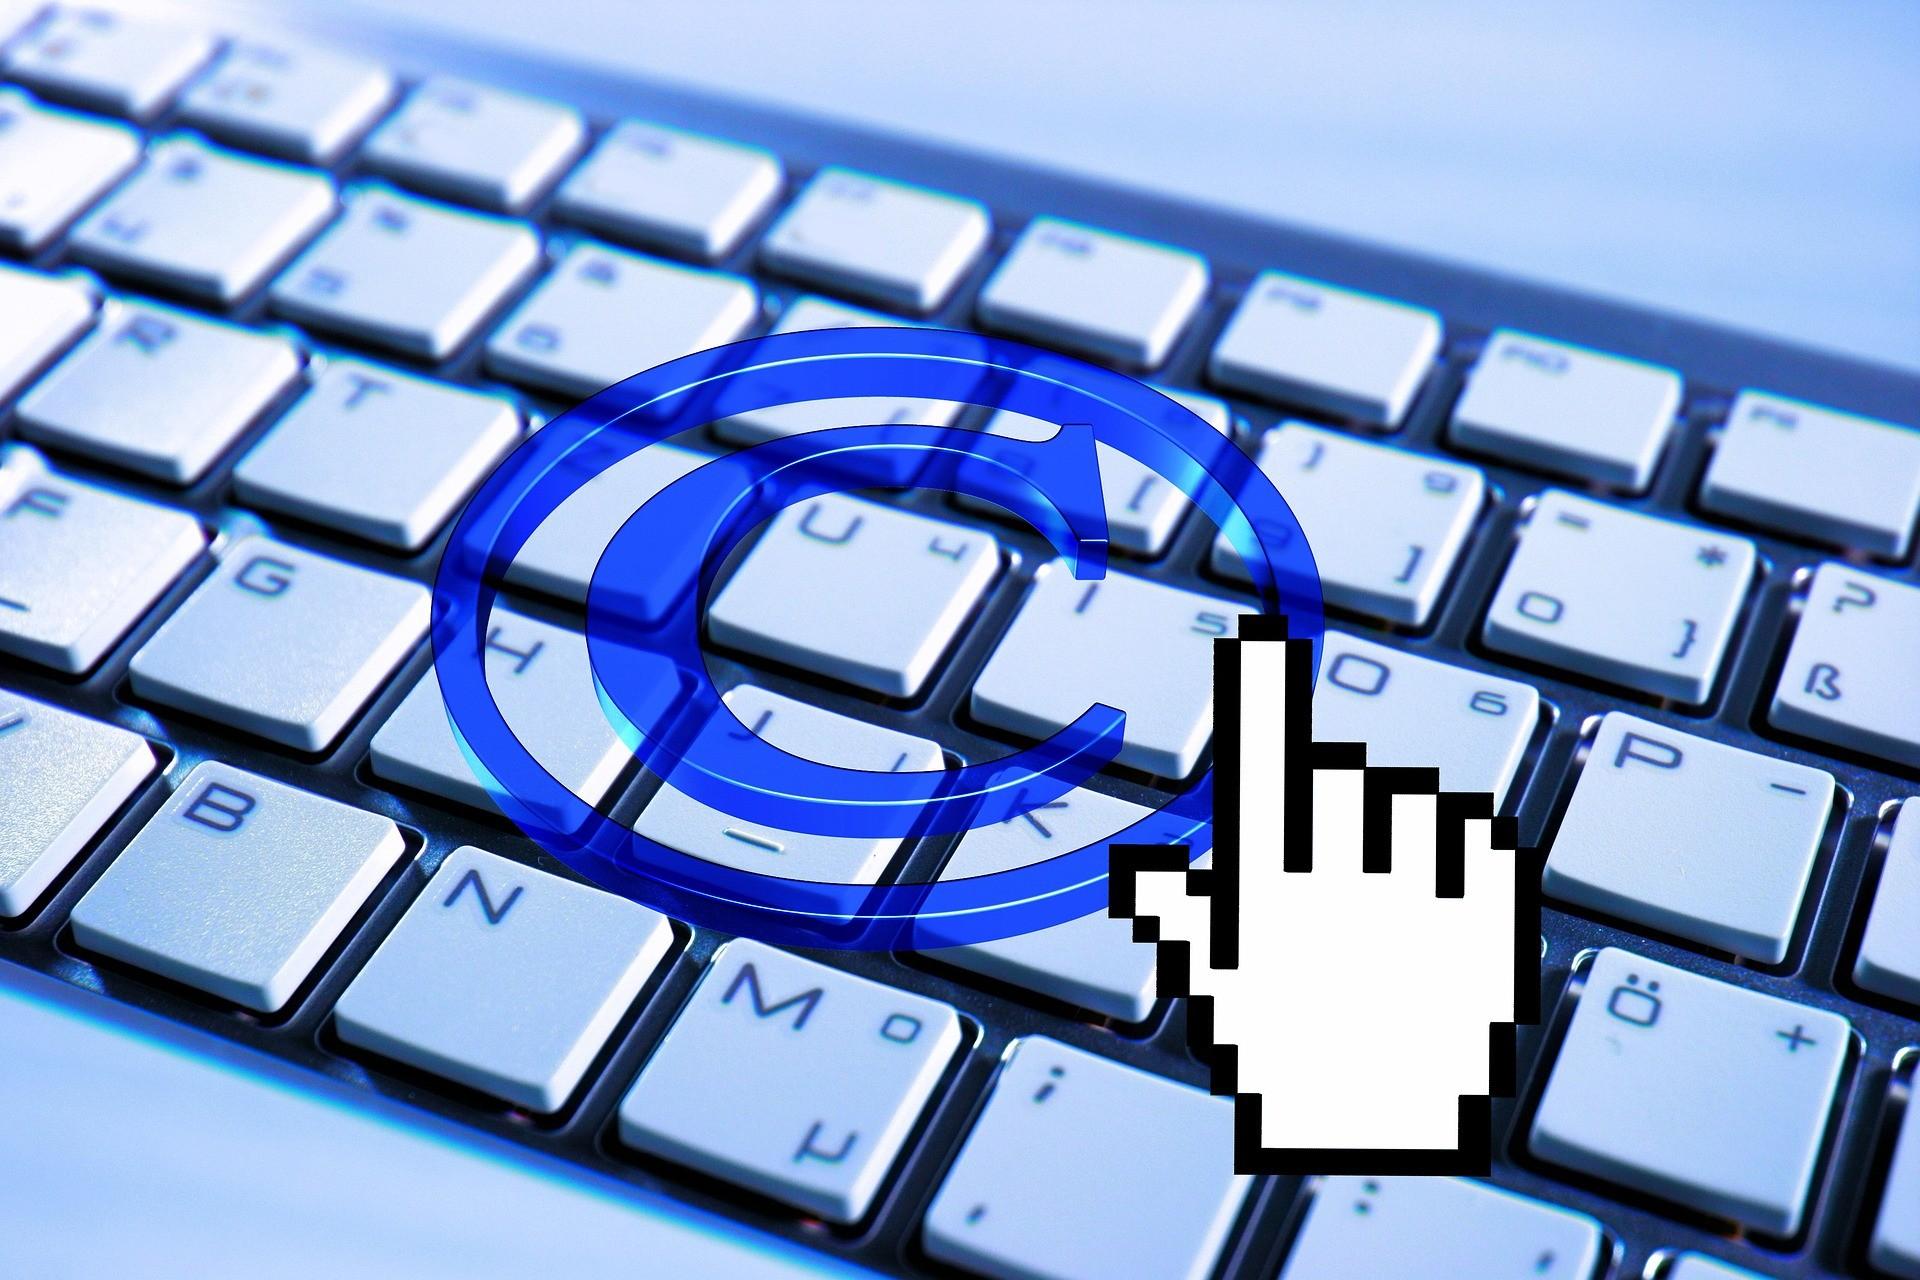 Регистрация изобретения: как правильно оформить заявку